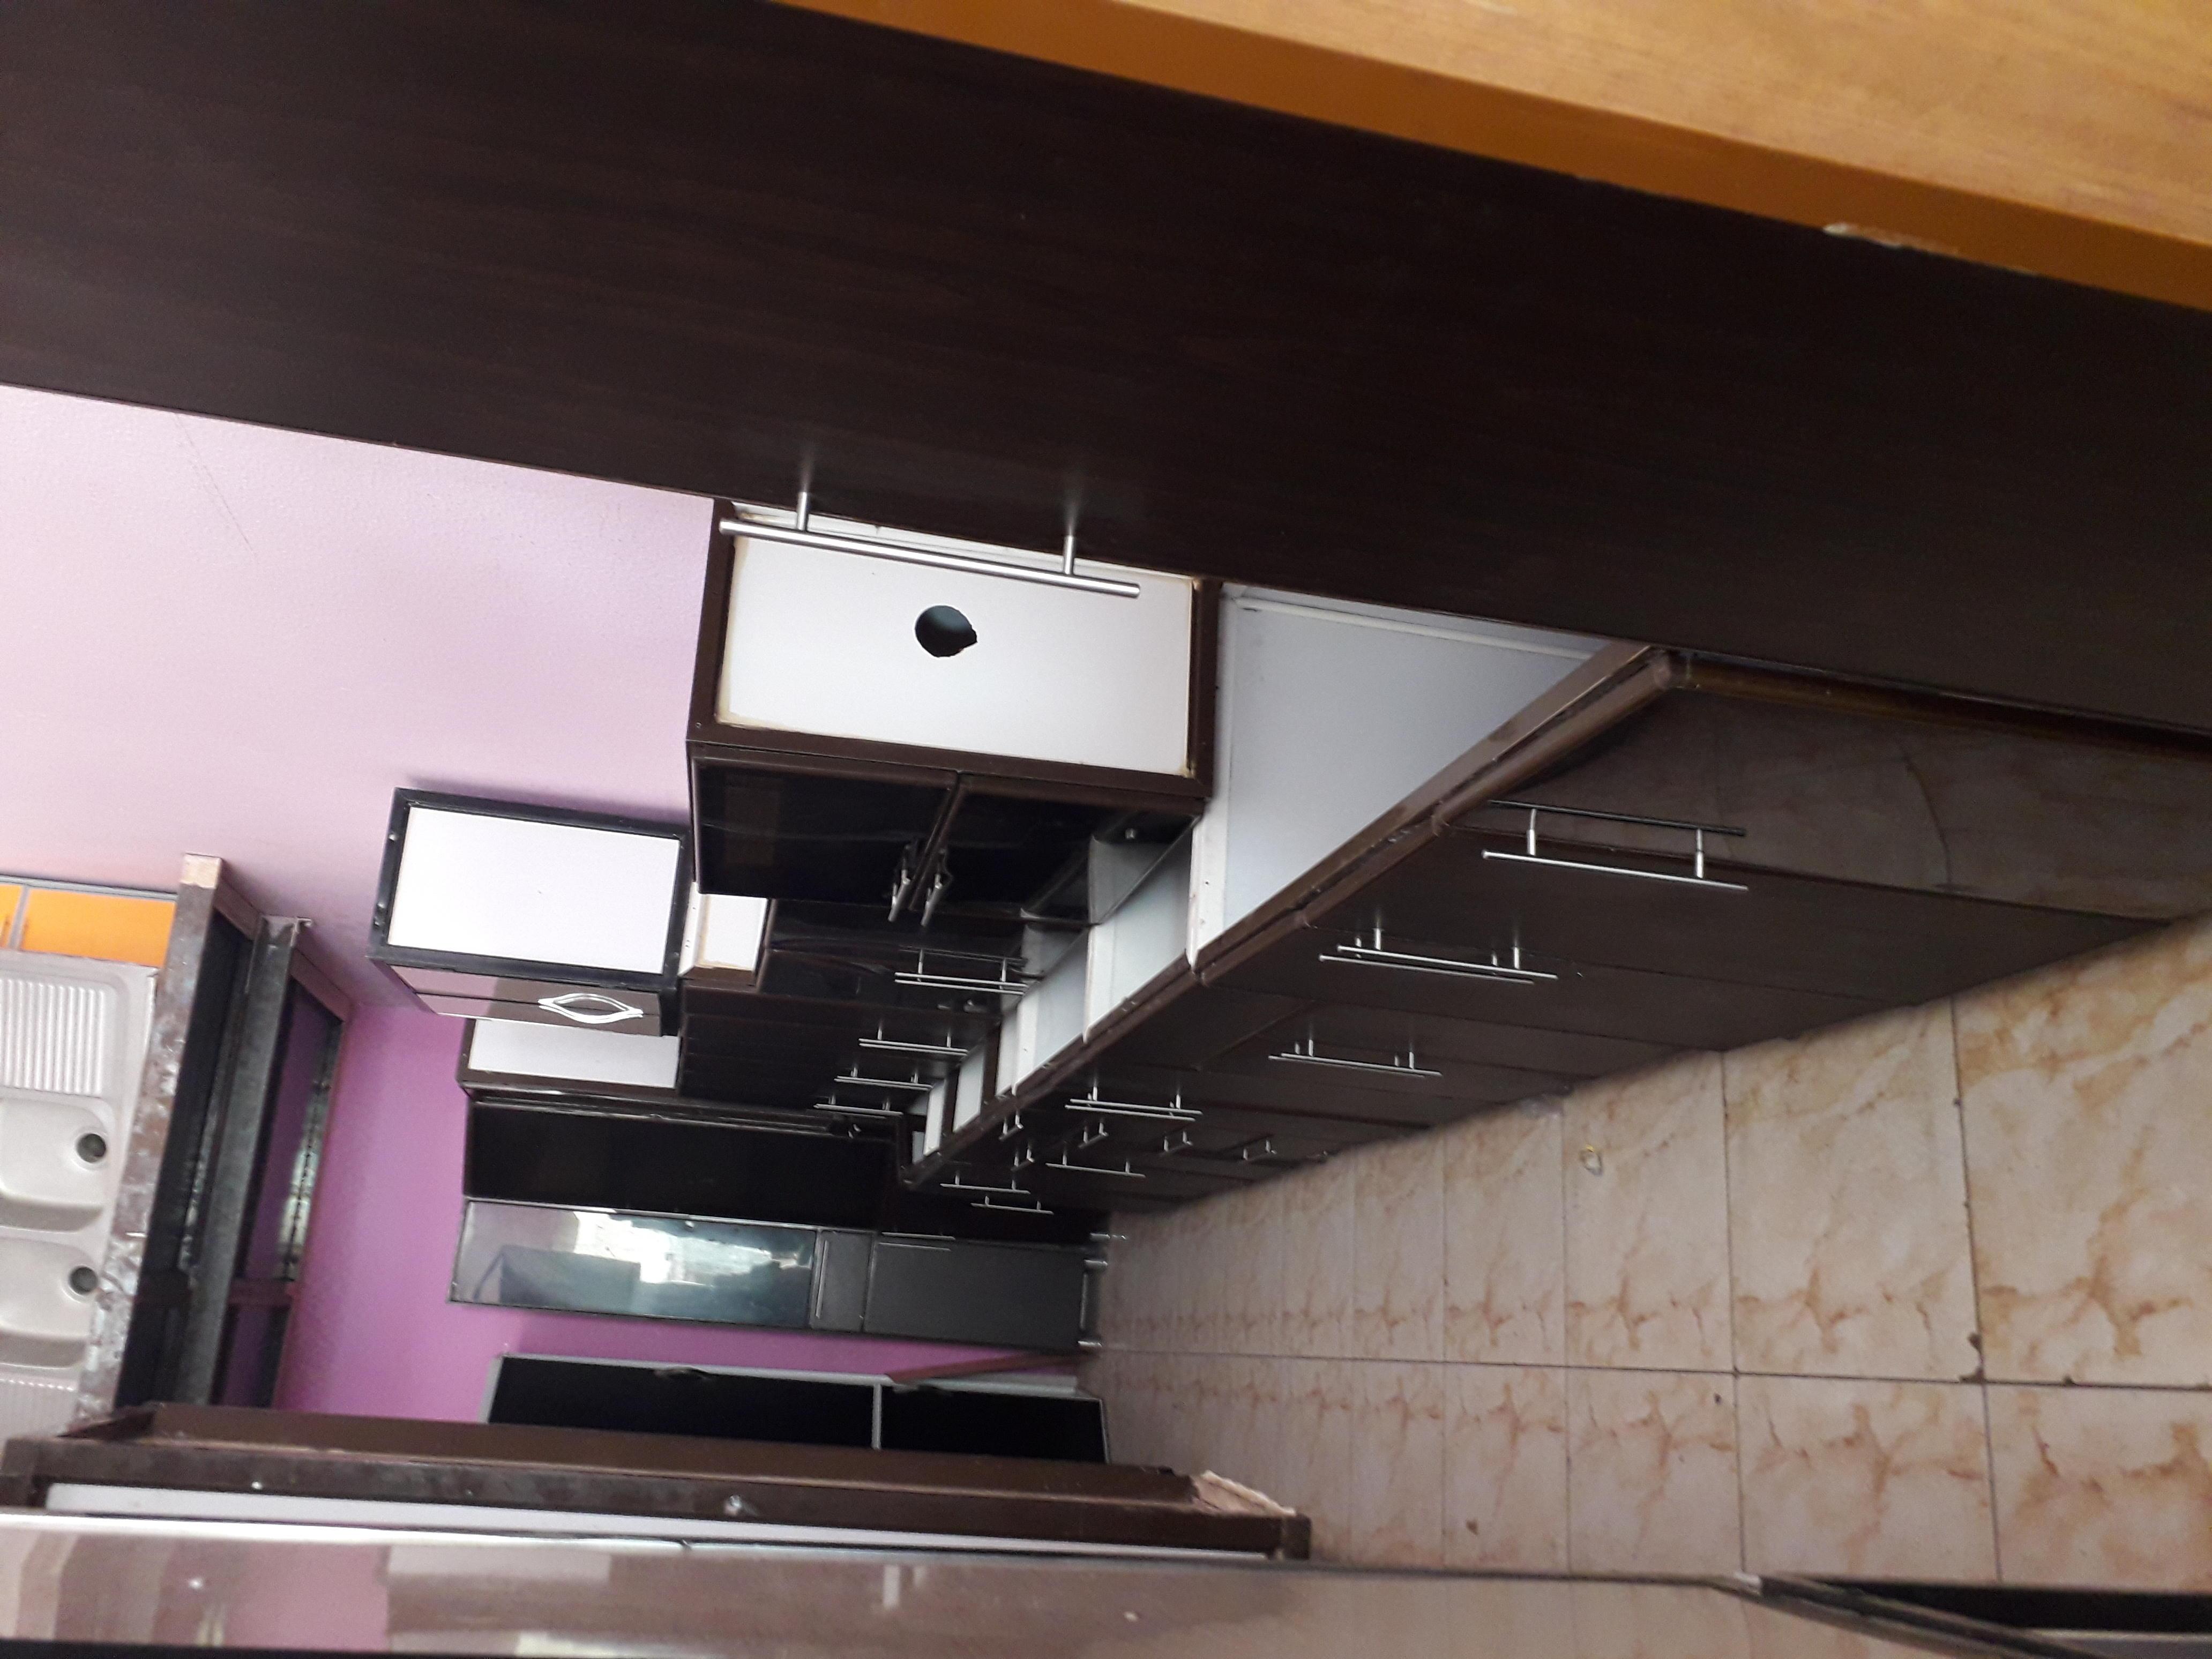 لبيع المطبخ المستعمل